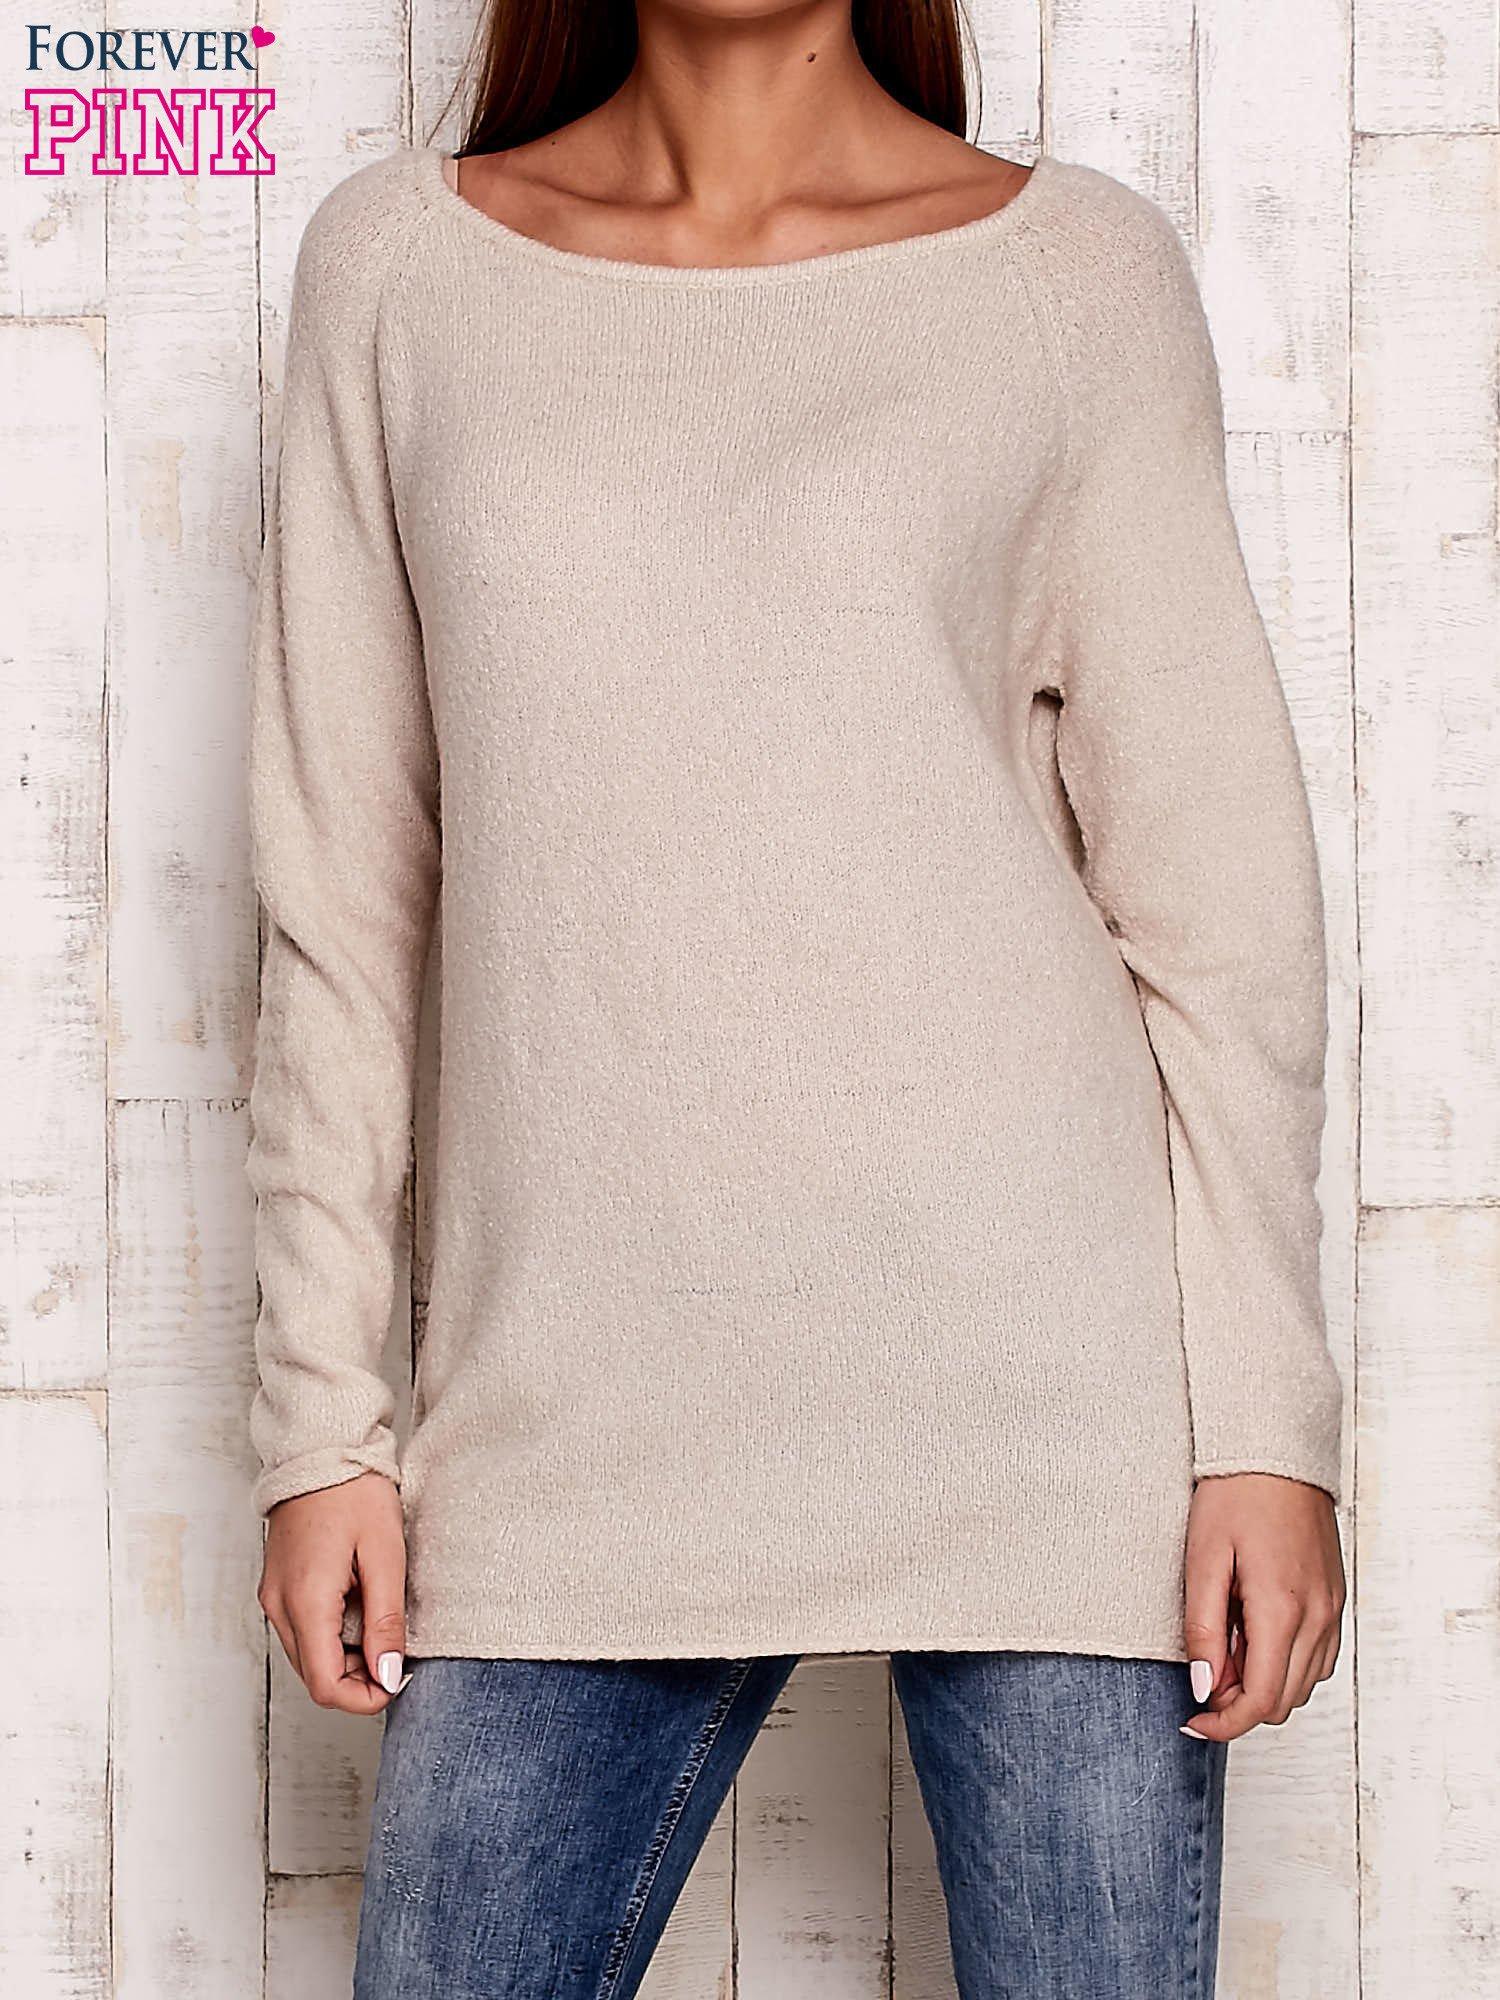 Beżowy dzianinowy sweter                                   zdj.                                  1